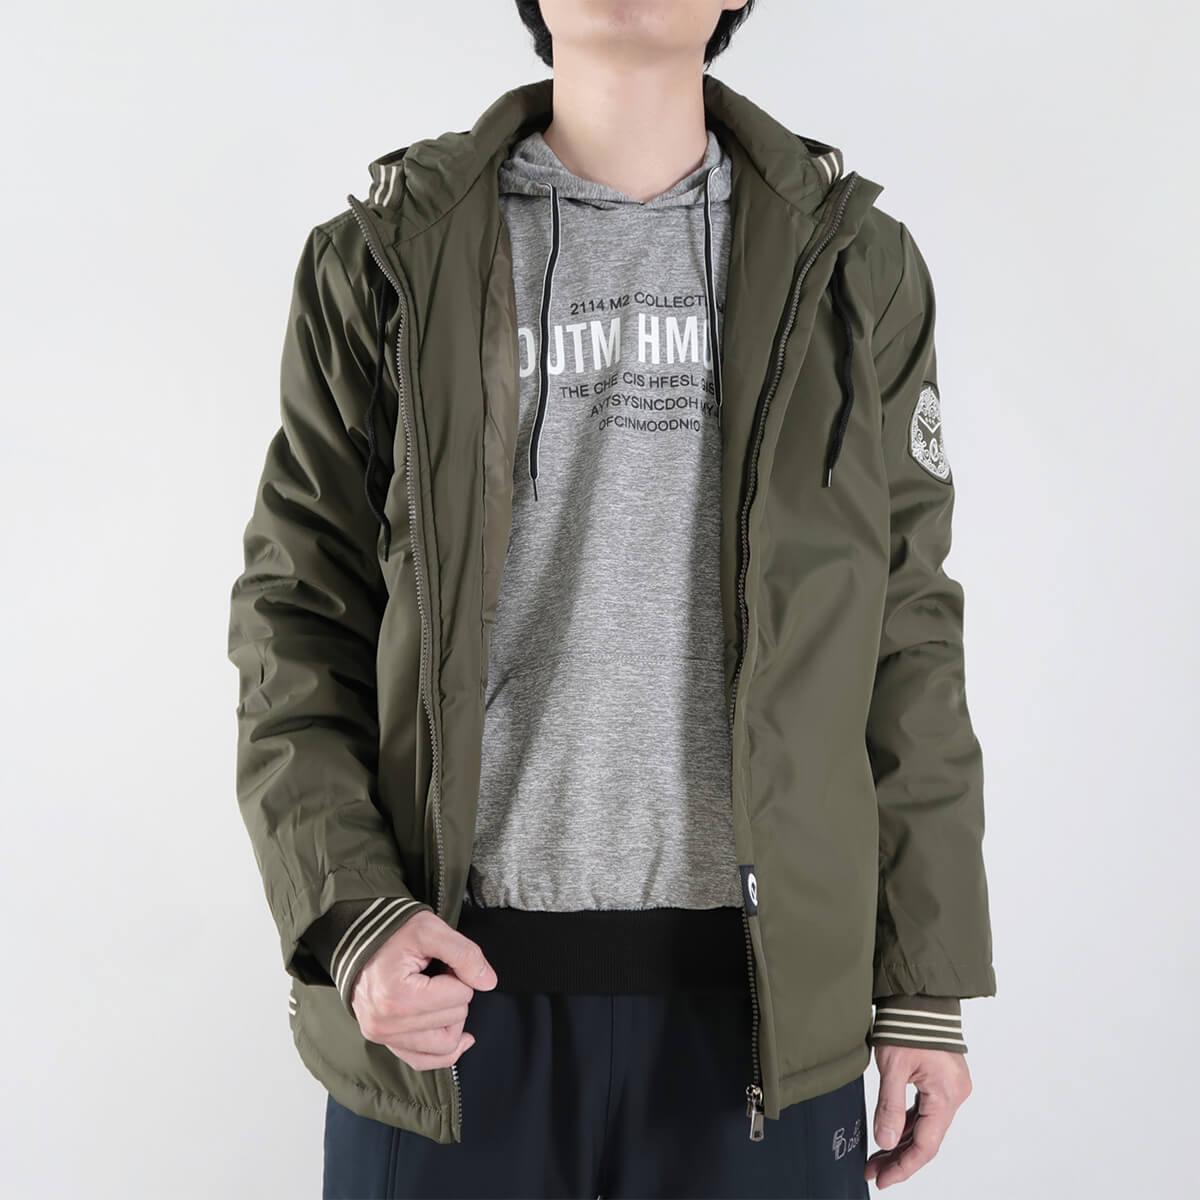 厚舖棉保暖風衣外套 時尚夾克外套 保暖外套 騎士外套 防風外套 休閒外套 鋪棉外套 黑色外套 時尚穿搭 WARM PADDED JACKETS WINDBREAKER (321-8783-01)軍綠色、(321-8783-02)黑色 2L 3L(胸圍50~52英吋) [實體店面保障] sun-e 1